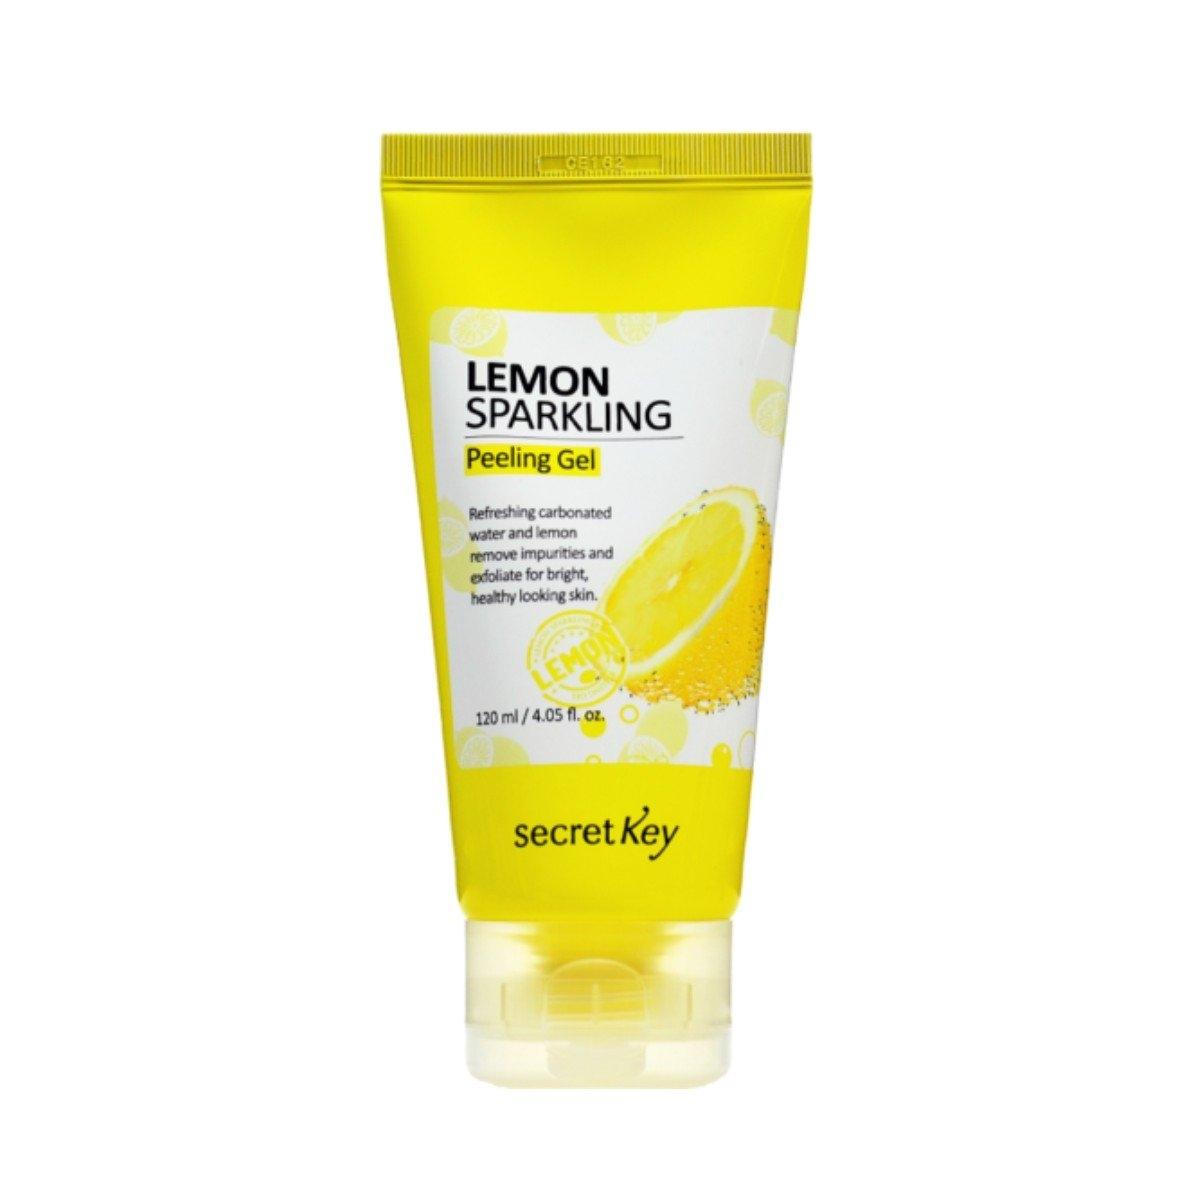 Secret Key Гель Lemon Sparkling Peeling Gel с Экстрактом Лимона, 120 мл